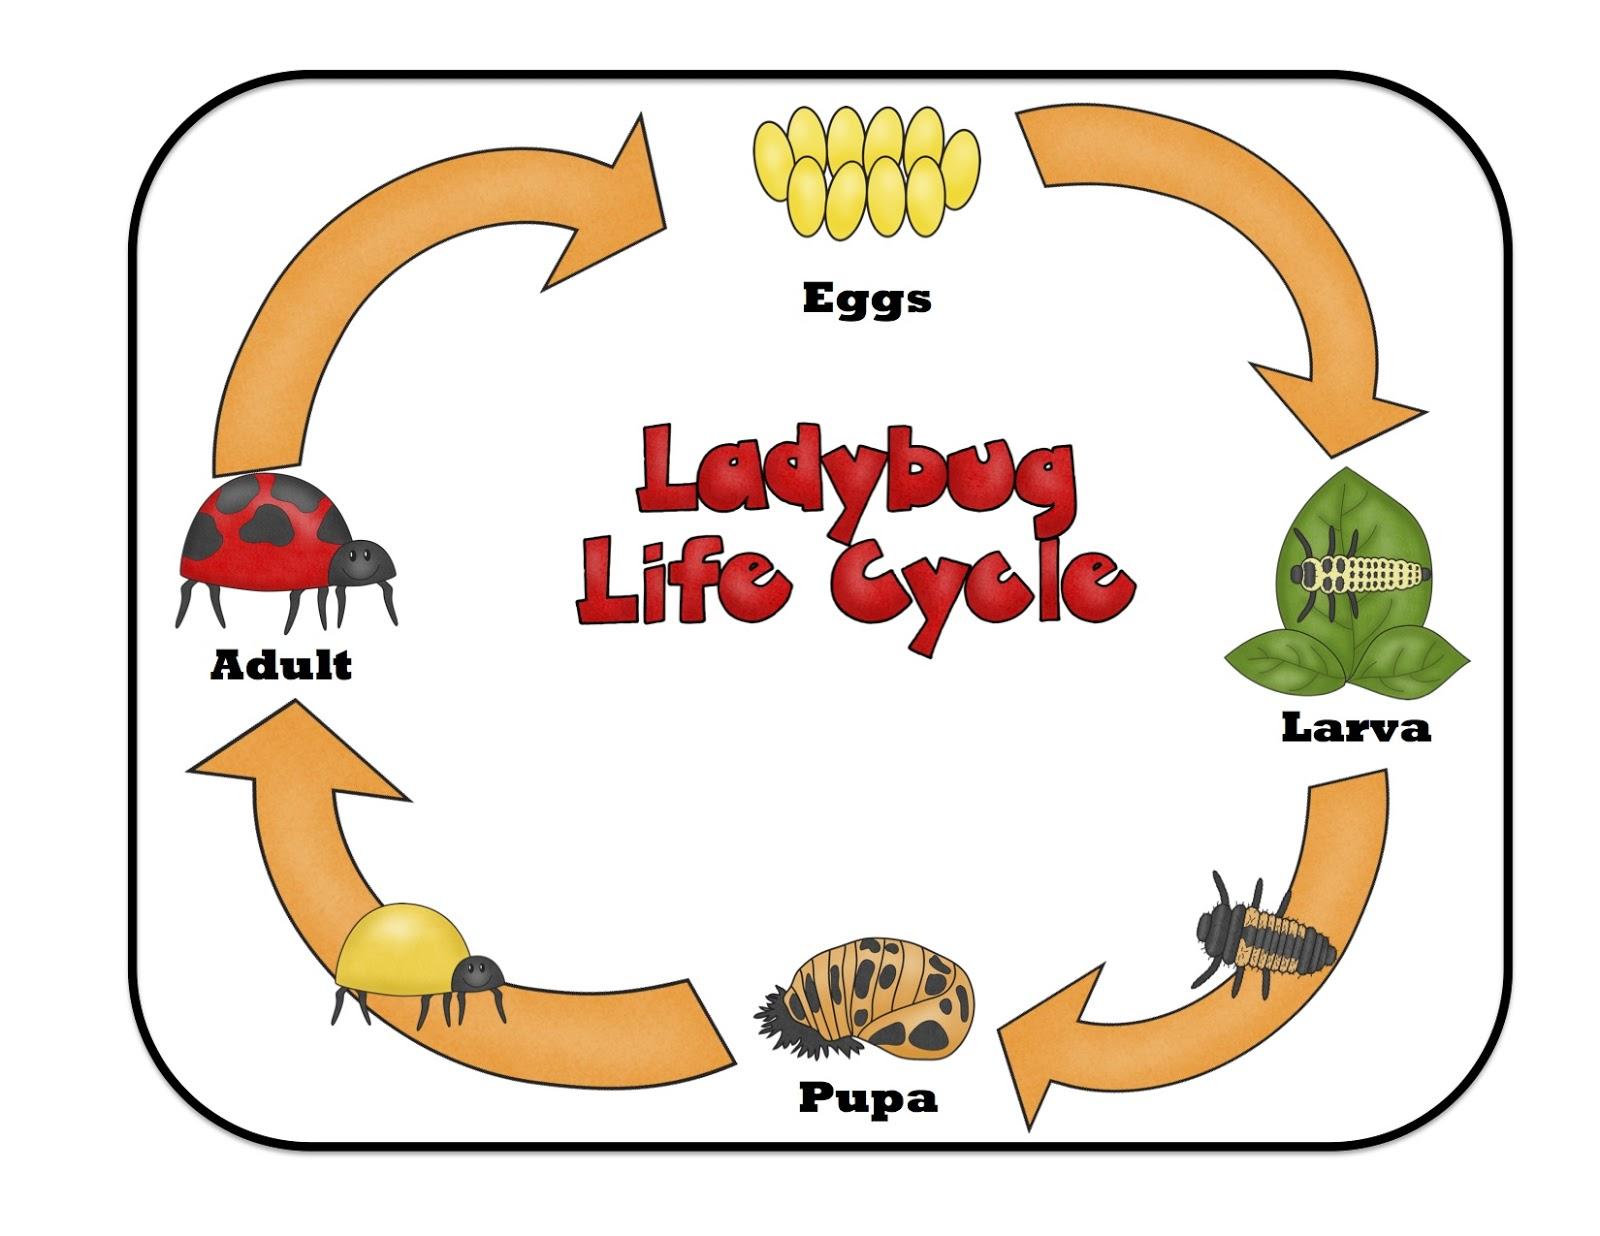 Ladybird Beetle Life Cycle